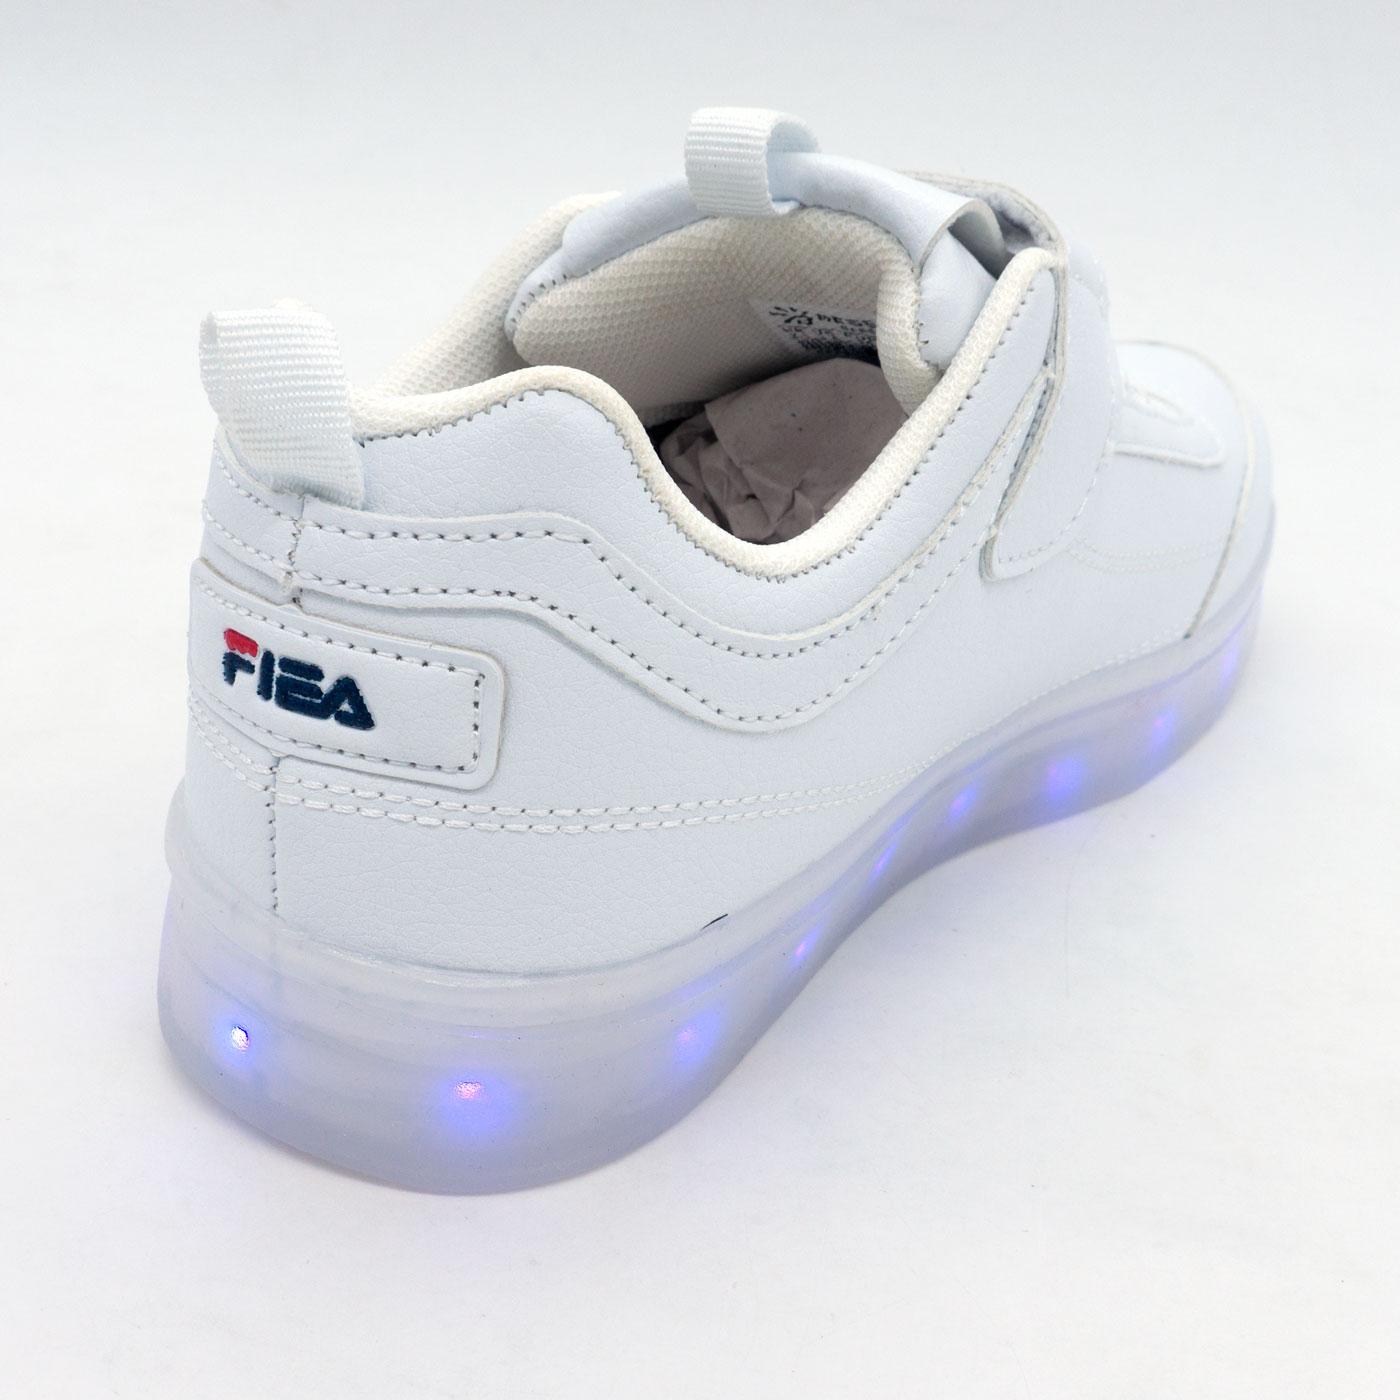 фото front Светящиеся кроссовки Led низкие белые фила front